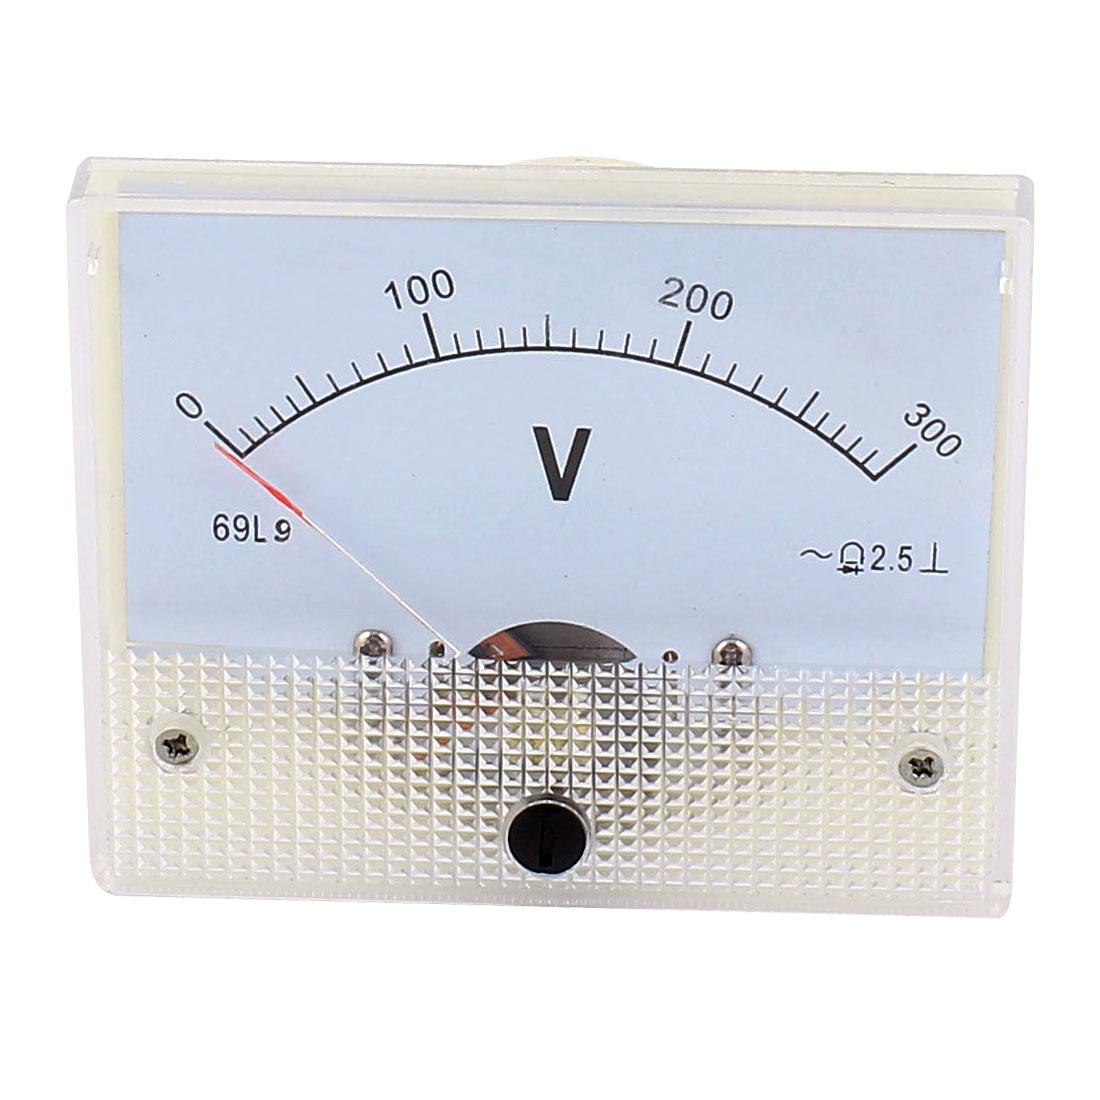 AC 0-300V Analog Panel Volt Voltage Meter Voltmeter Gauge